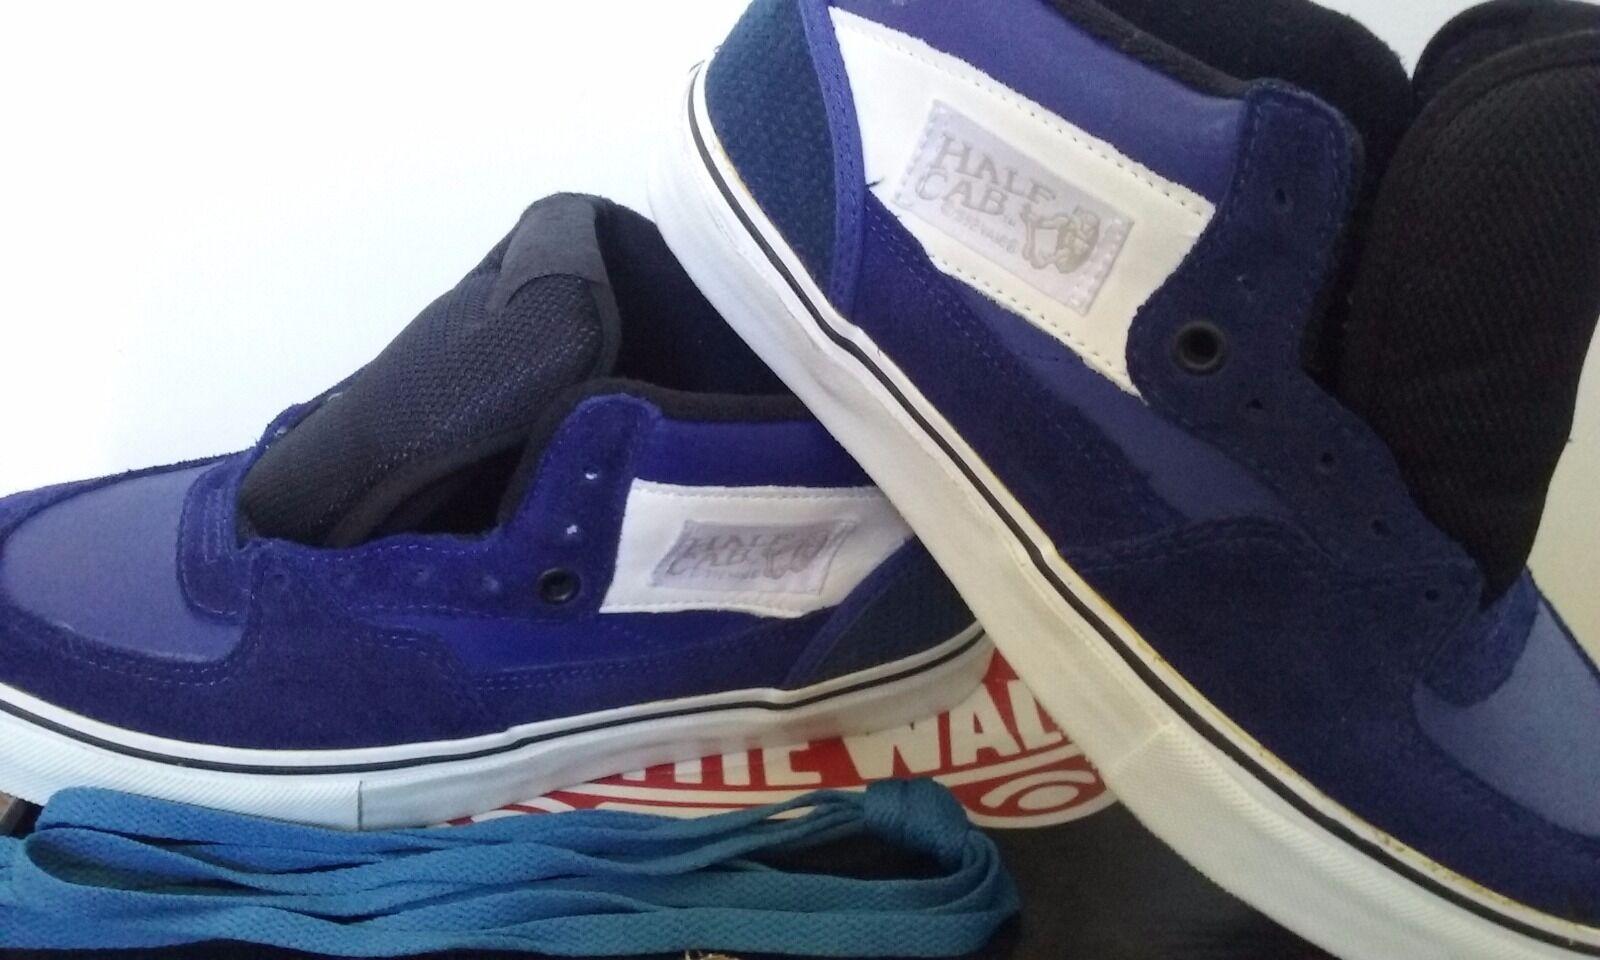 Men's White Label/Midnight Blue Half Cab Pro Vans Shoes Size 8